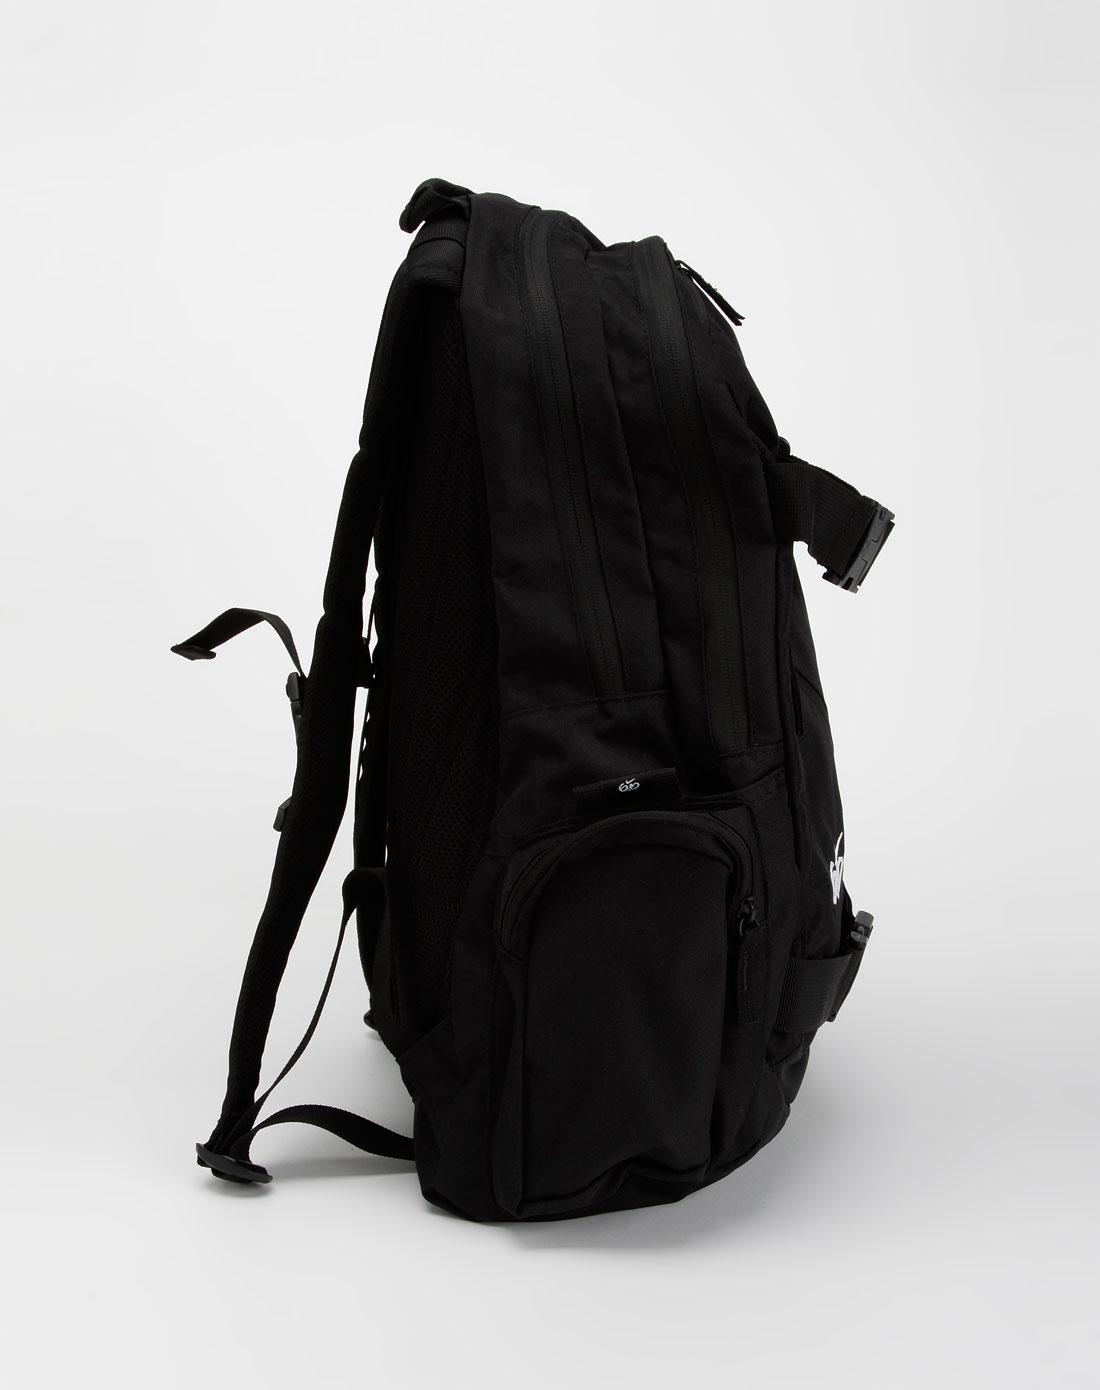 耐克nike-滑板动感黑色背包